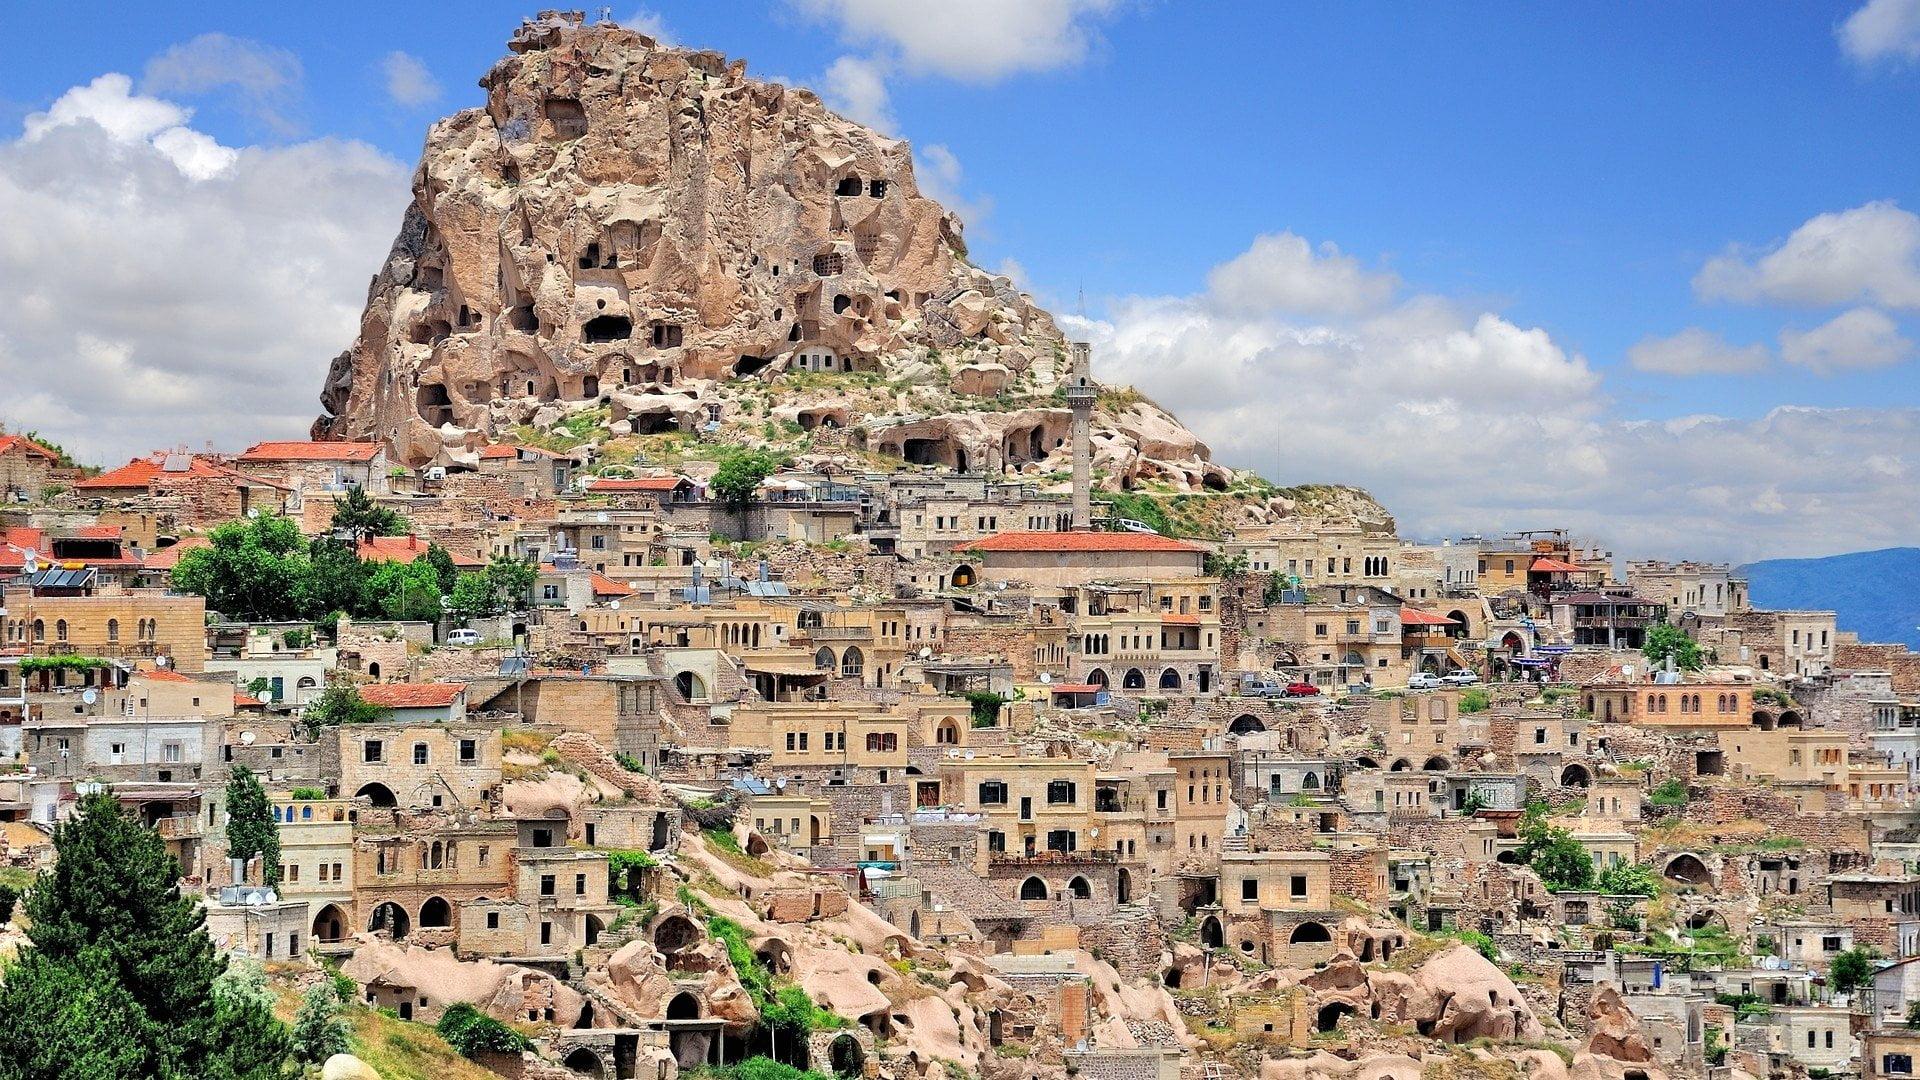 wallpaper-ancient-uchisar-cappadocia-turkey